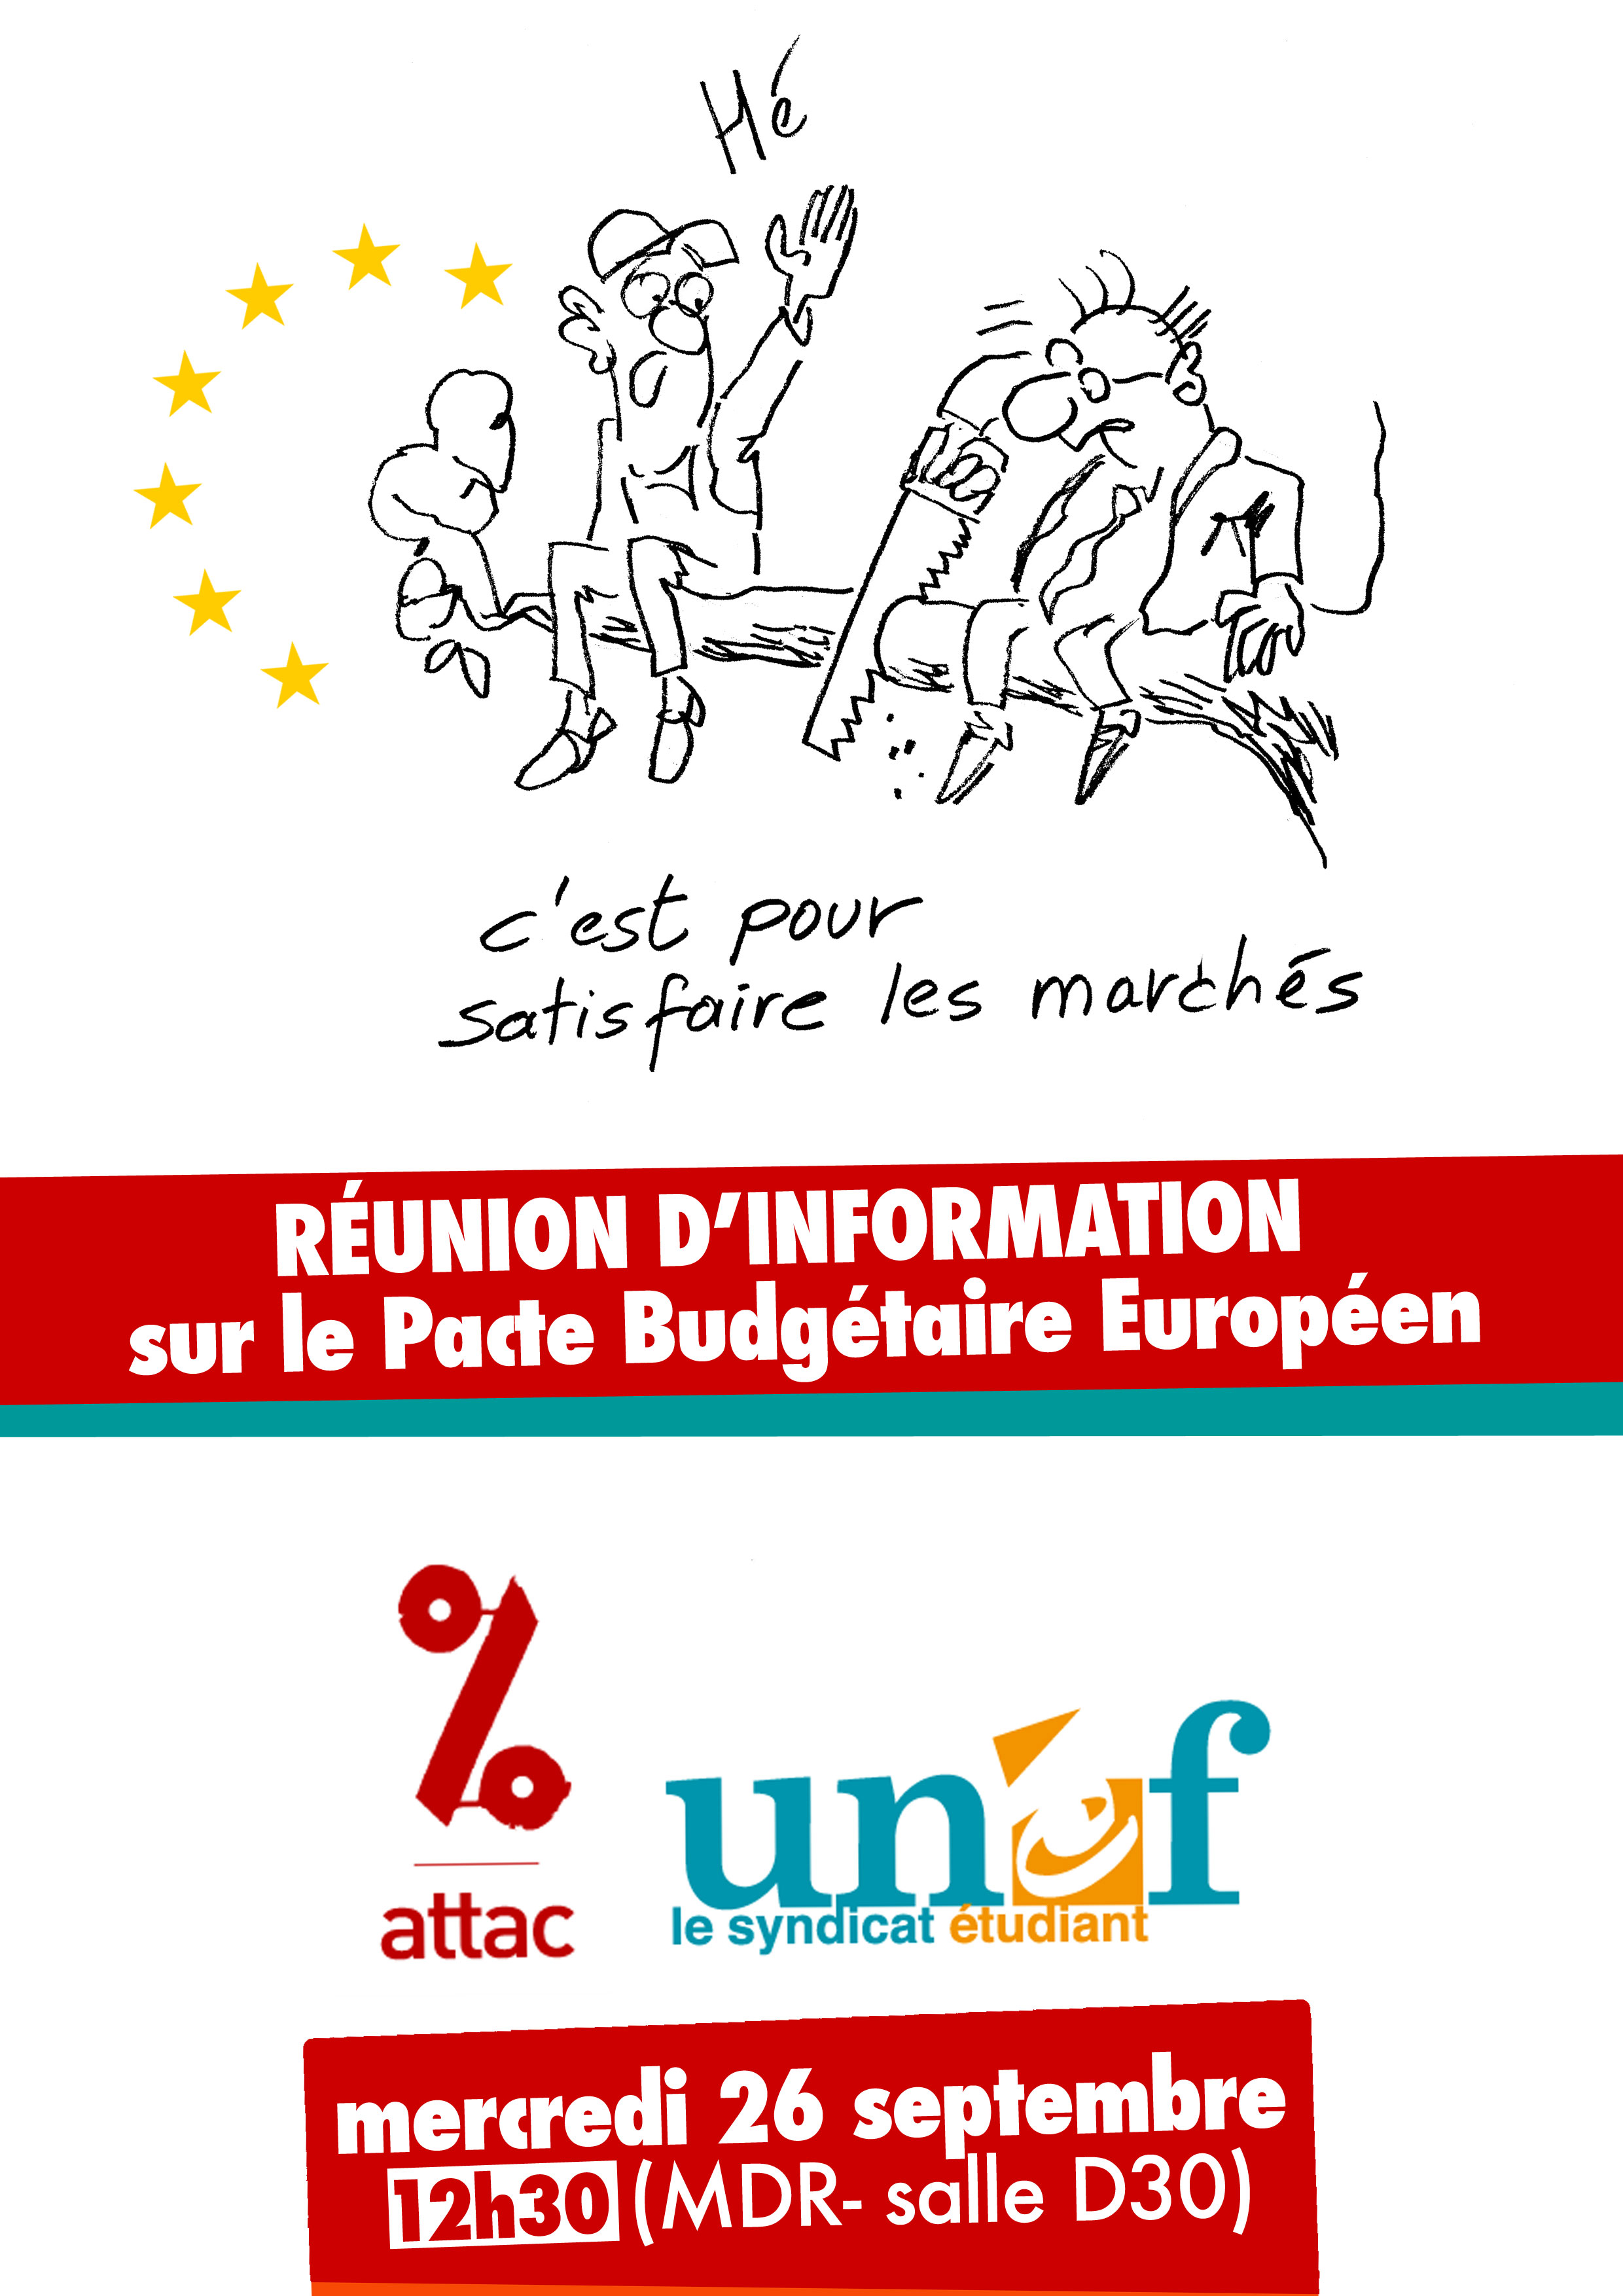 Affiche réunion d'information Pacte budgétaire